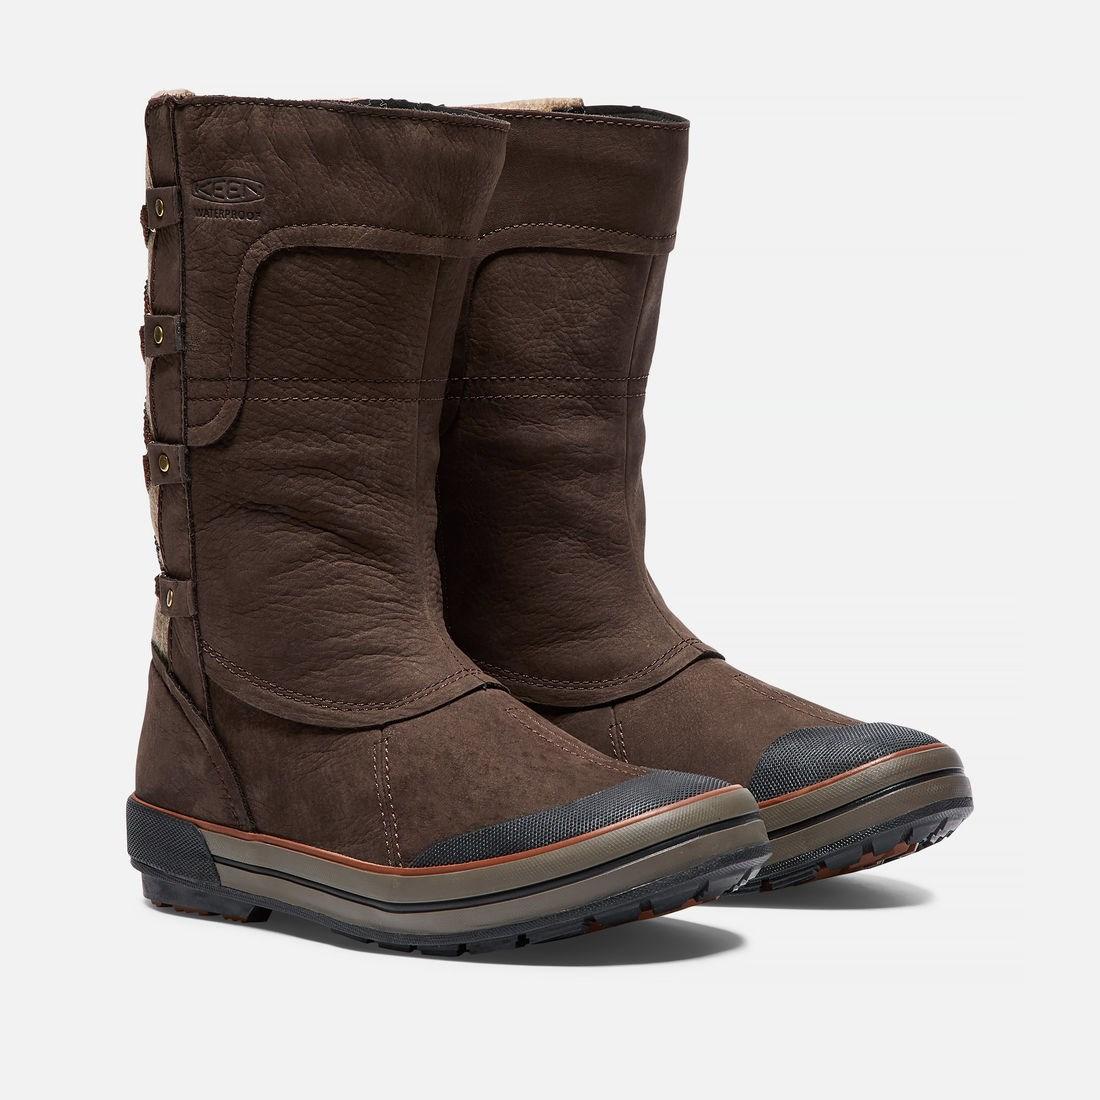 dc9017b58d9c6 Keen Elsa Premium Zip Waterproof Womens Boots in Espresso Brown £112.00